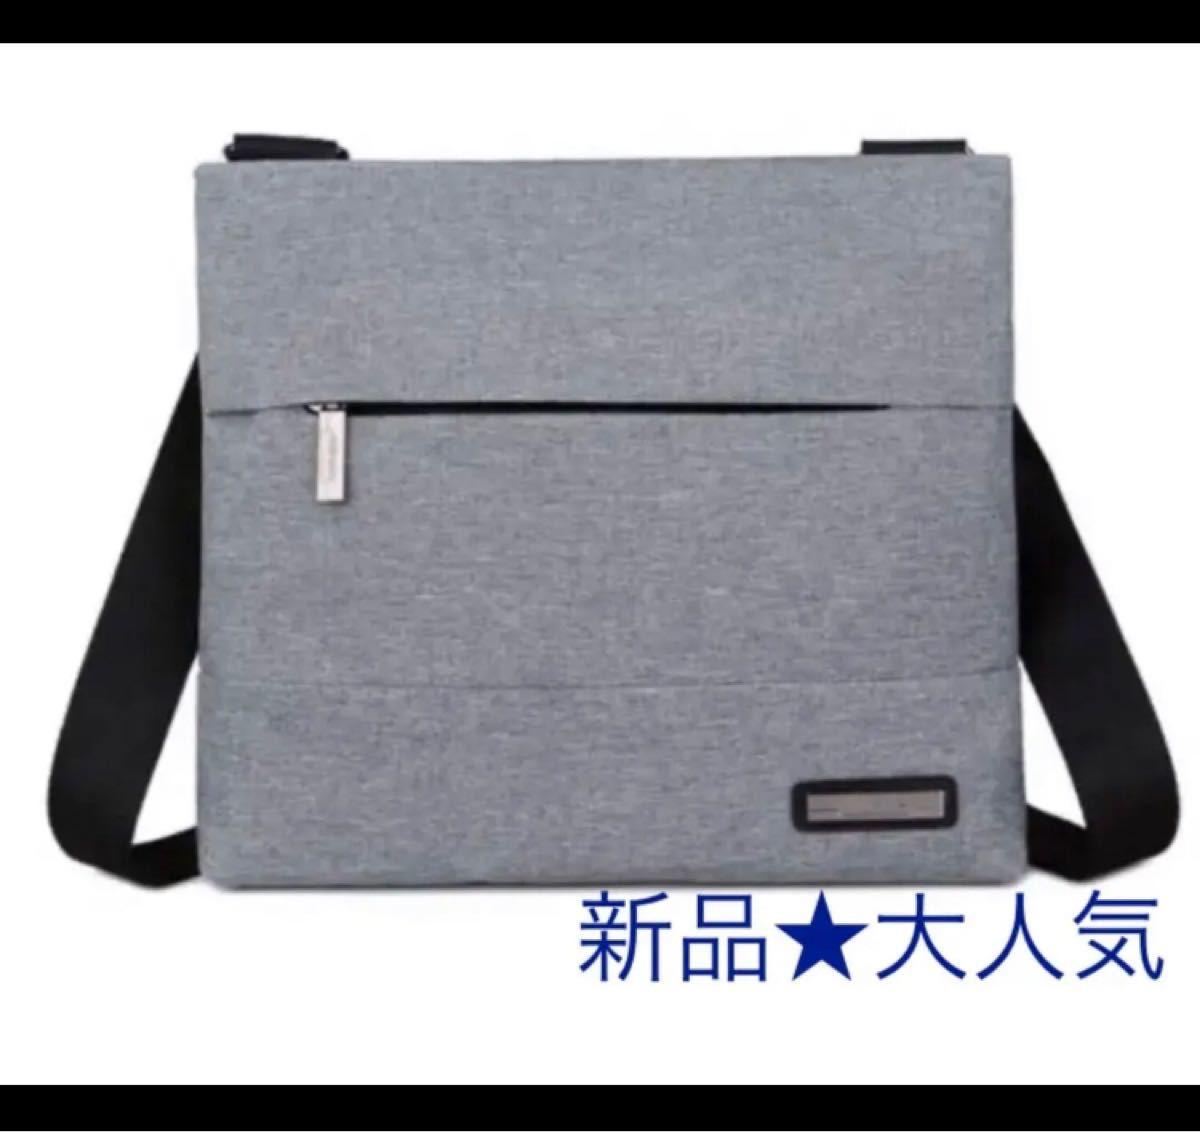 メンズバッグ ショルダーバッグ ビジネスバッグ グレー スーツバッグ iPad収納 メッセンジャーバッグ iPad ボディーバッグ